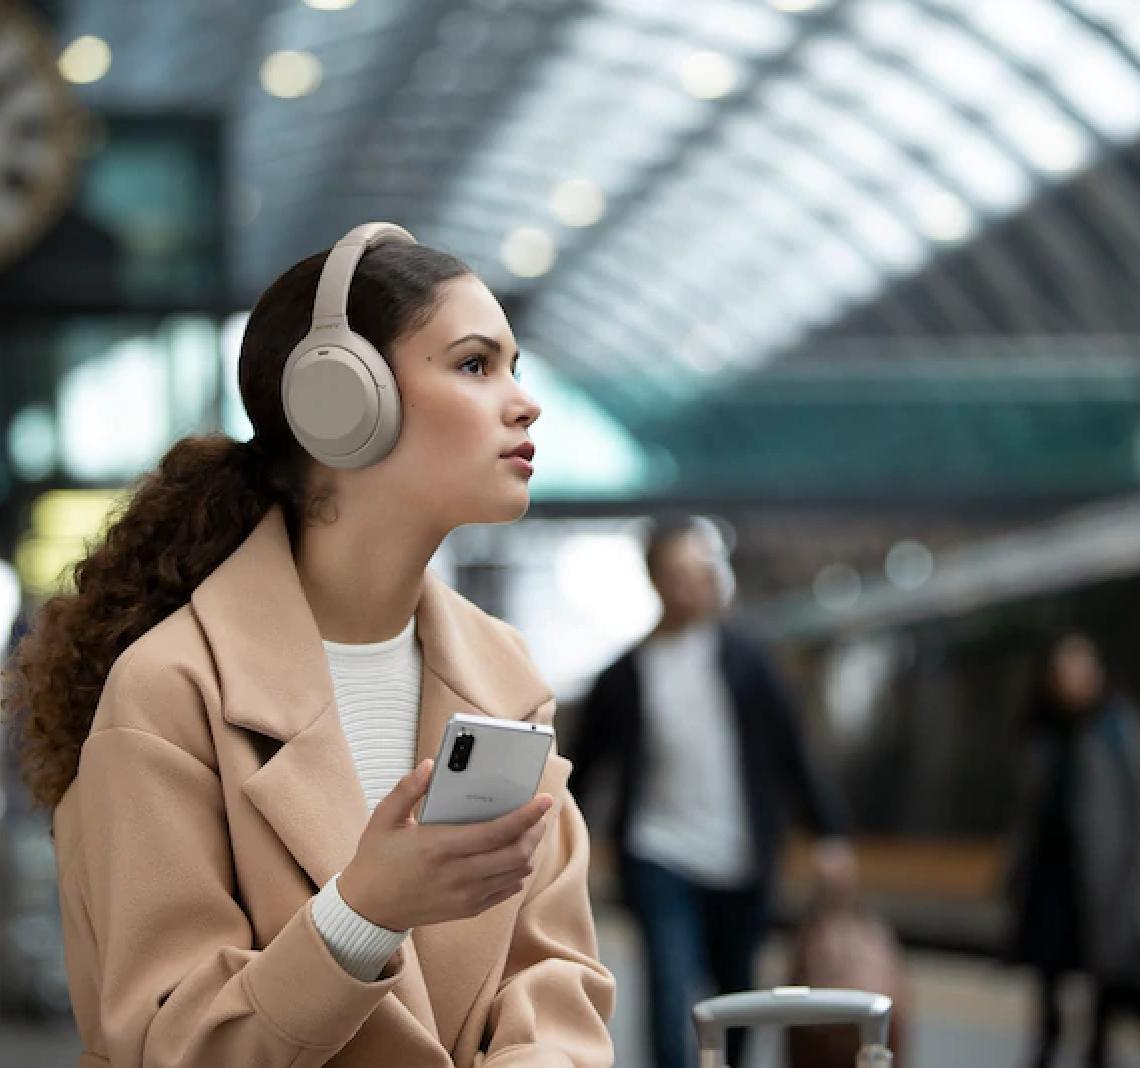 Muss man den Musikgenuss schnell für eine wichtige Information in der Außenwelt unterbrechen, genügt dank des Quick Attention Modus ein kurzes Berühren der seitlichen Kopfhörermuscheln.